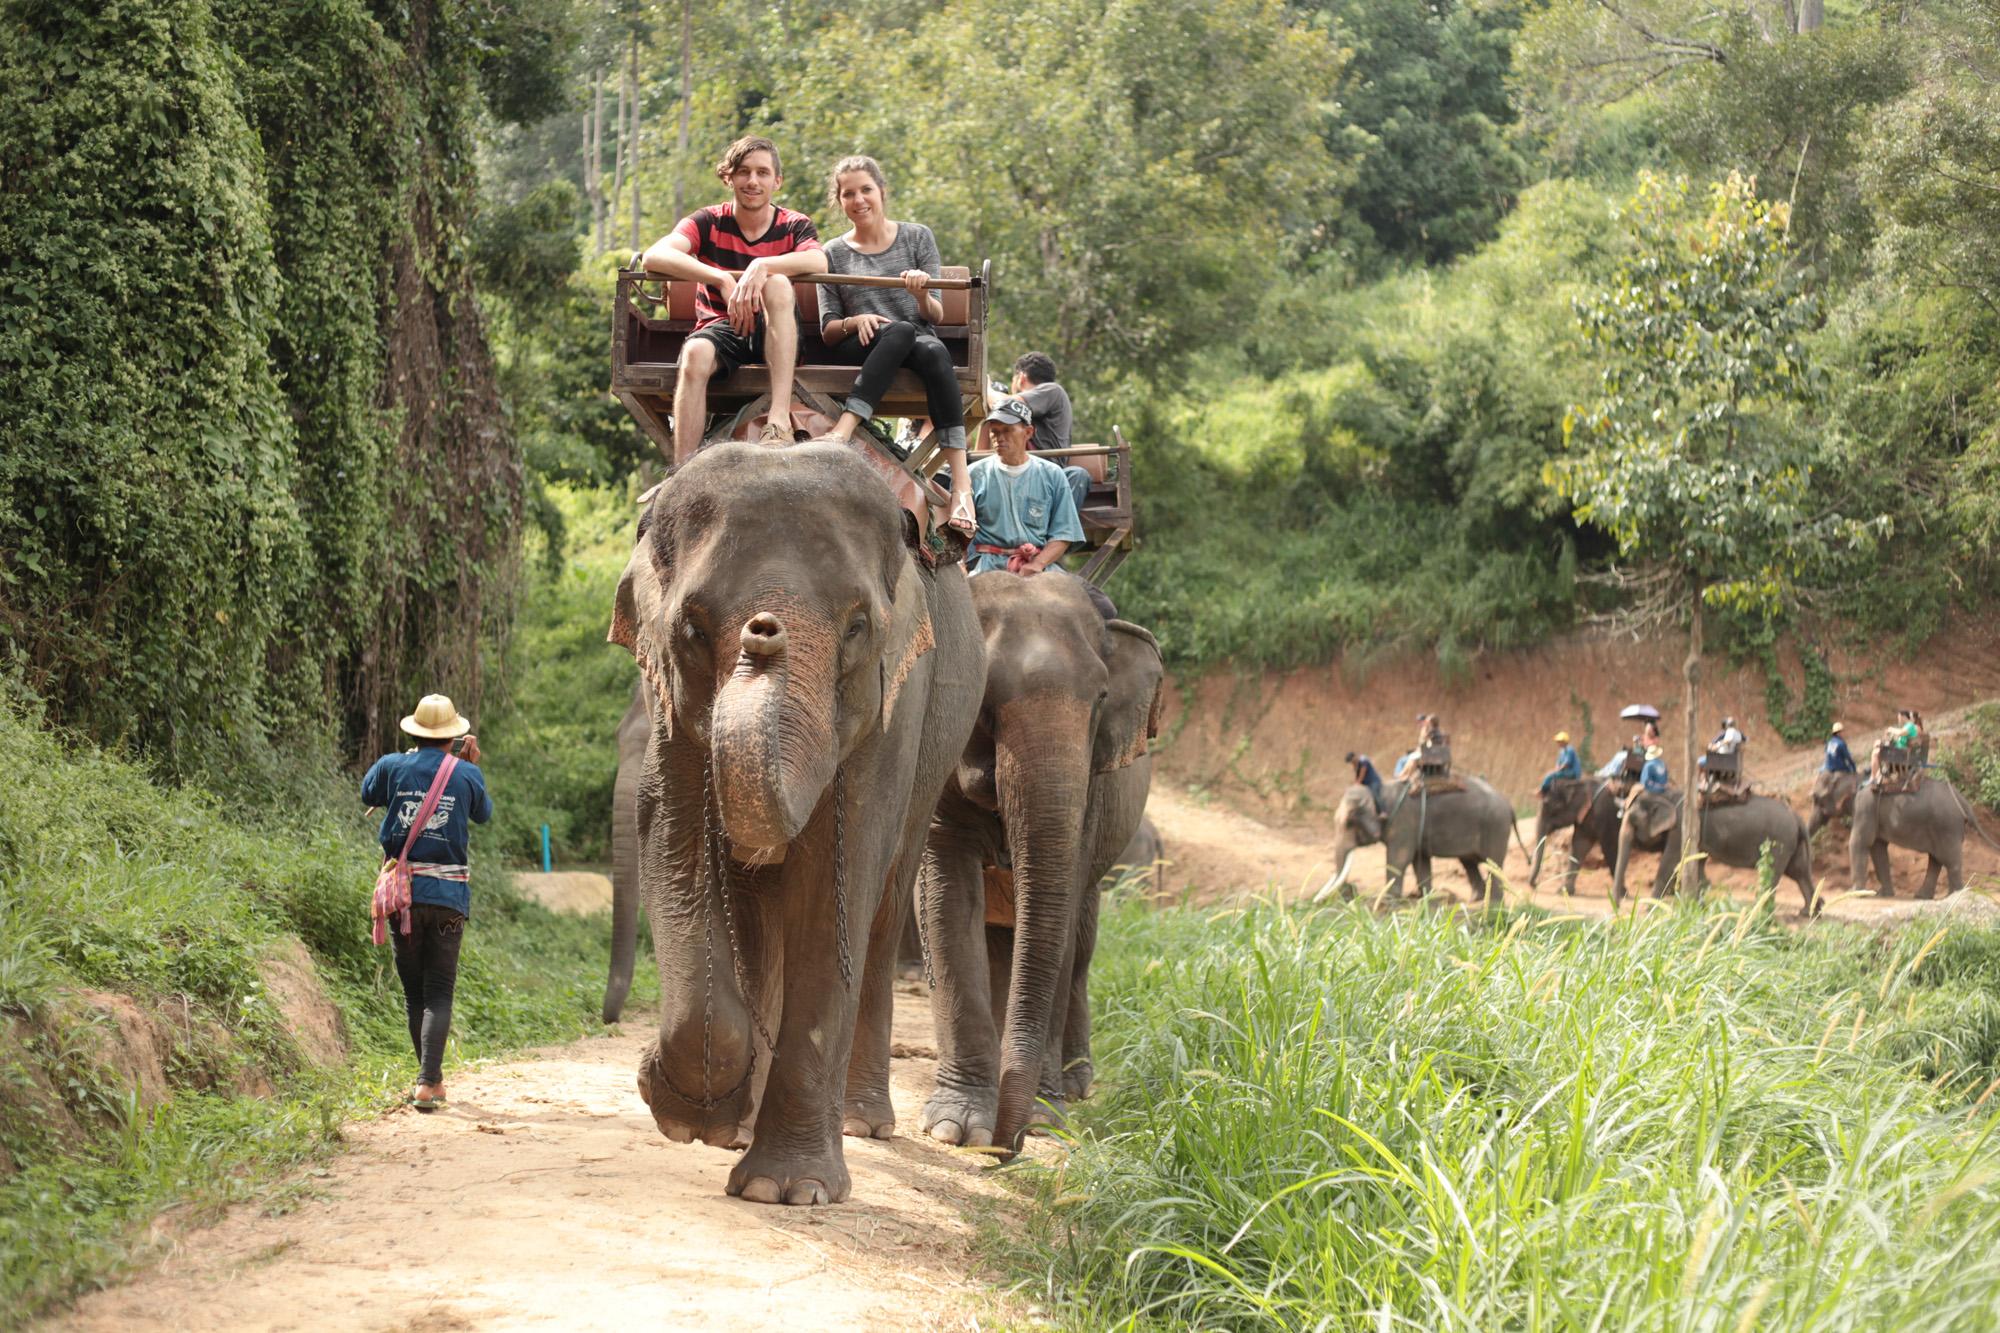 En halv dag på elefantryggen dypt inn i regnskogen i Thailand, i fjellene rundt Chiang Mai.